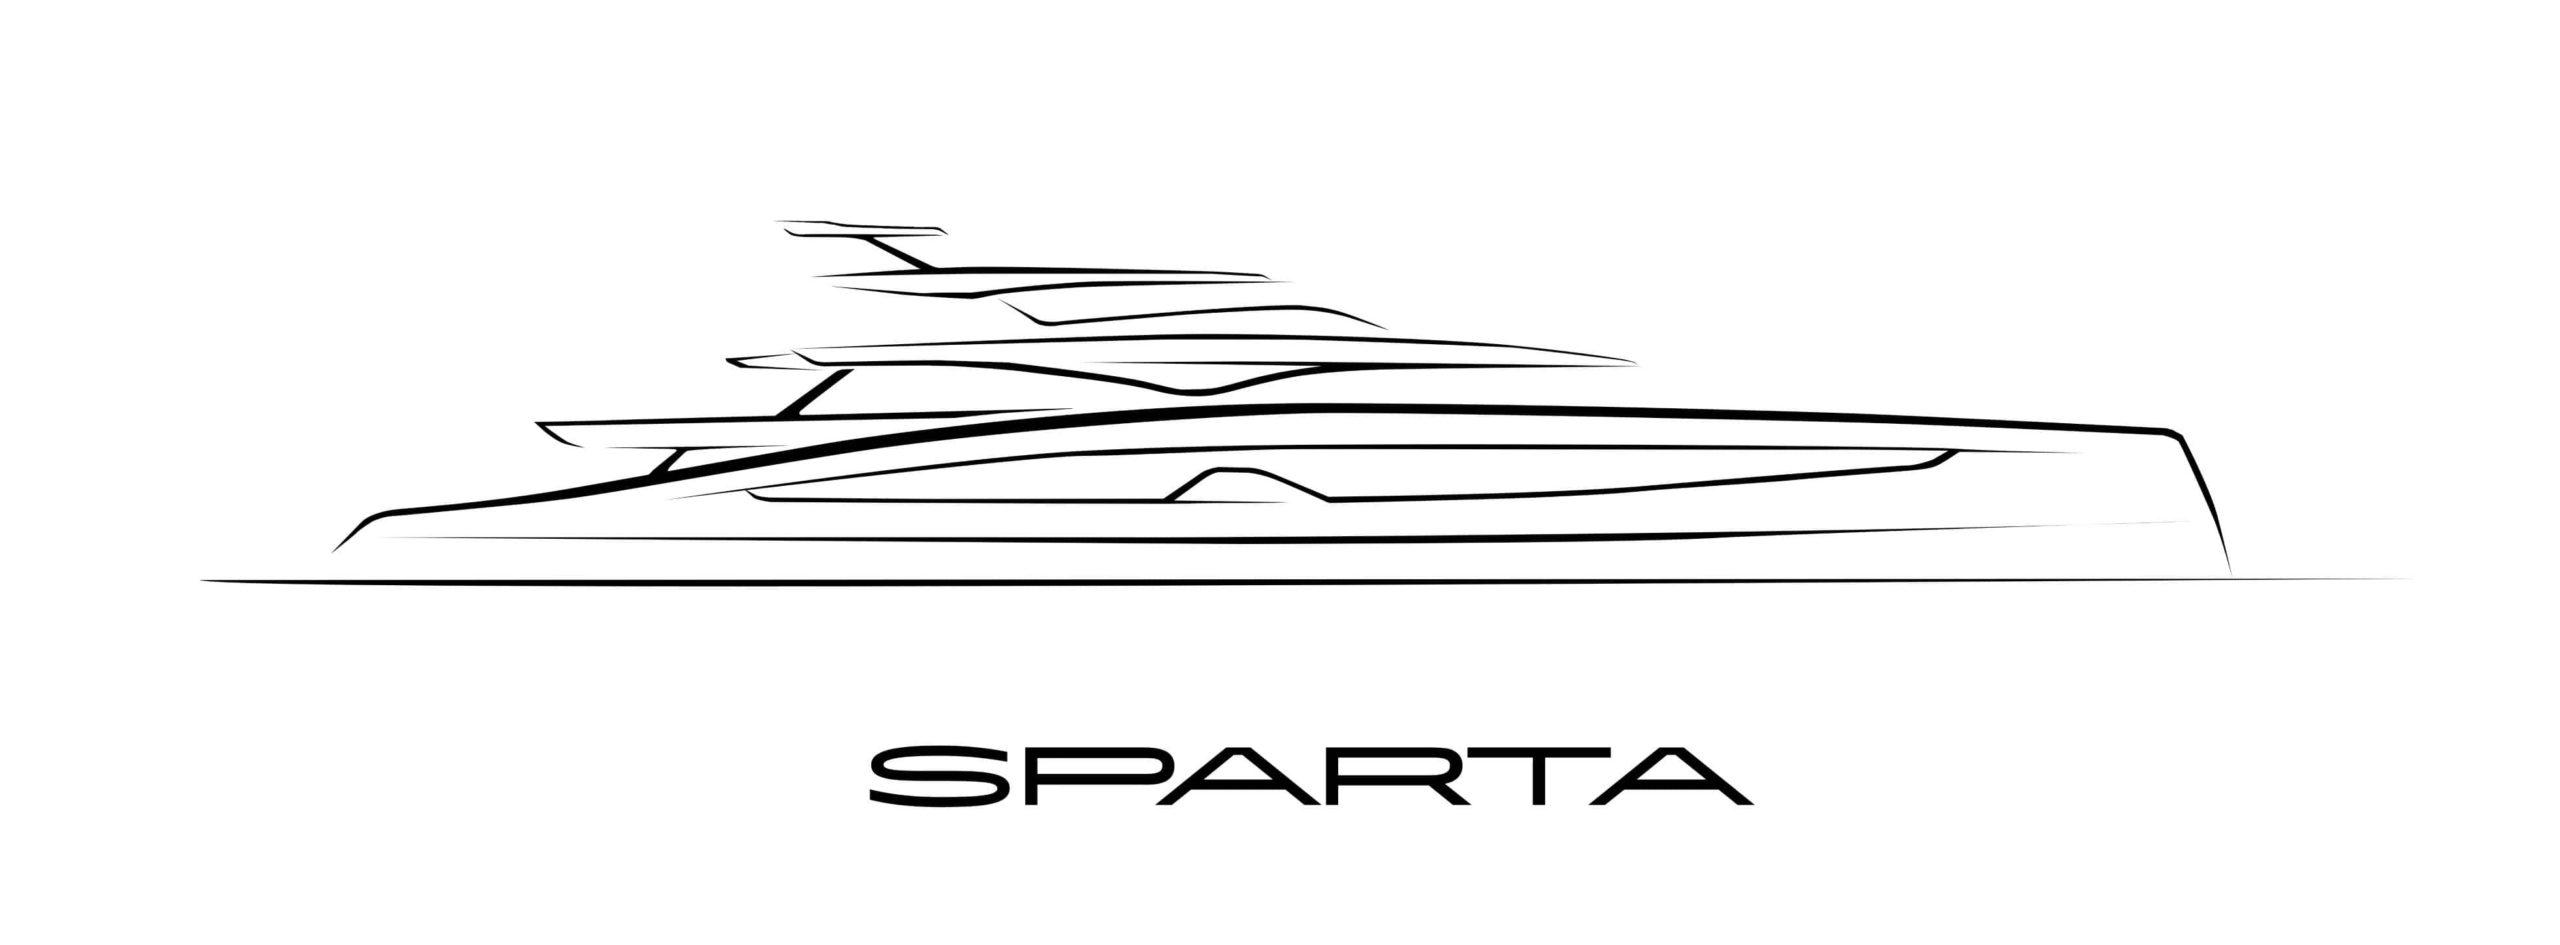 Sparta Yacht Heesen